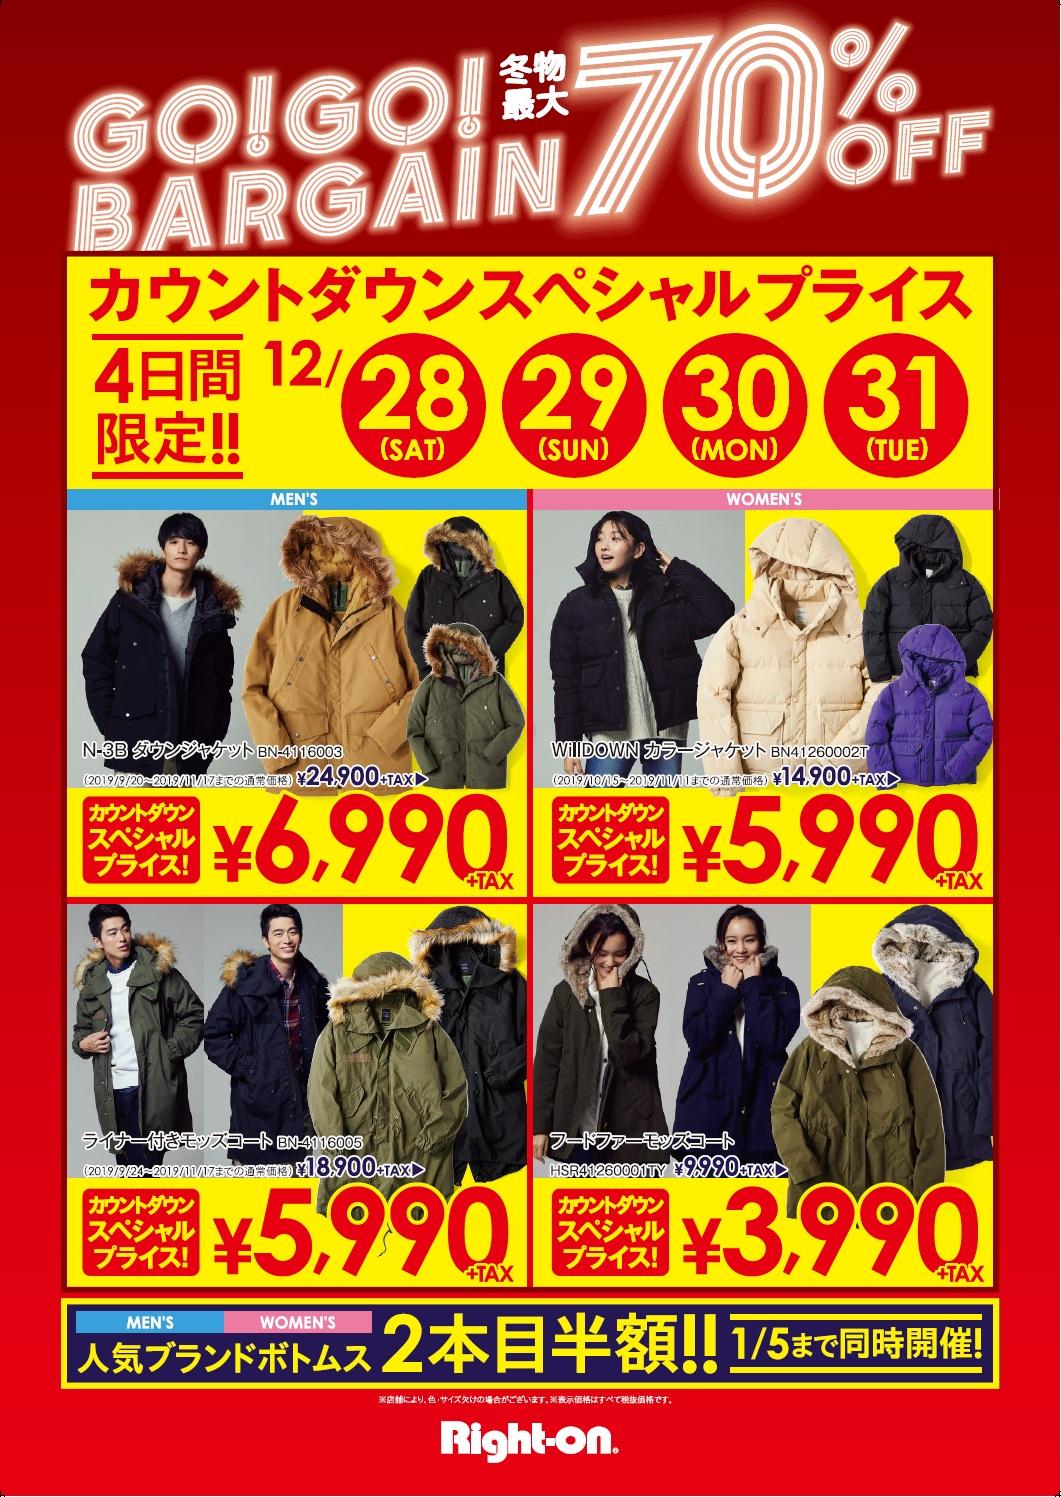 ライトオン GO!GO!BARGAIN冬物最大70%OFF!!!!:イメージ